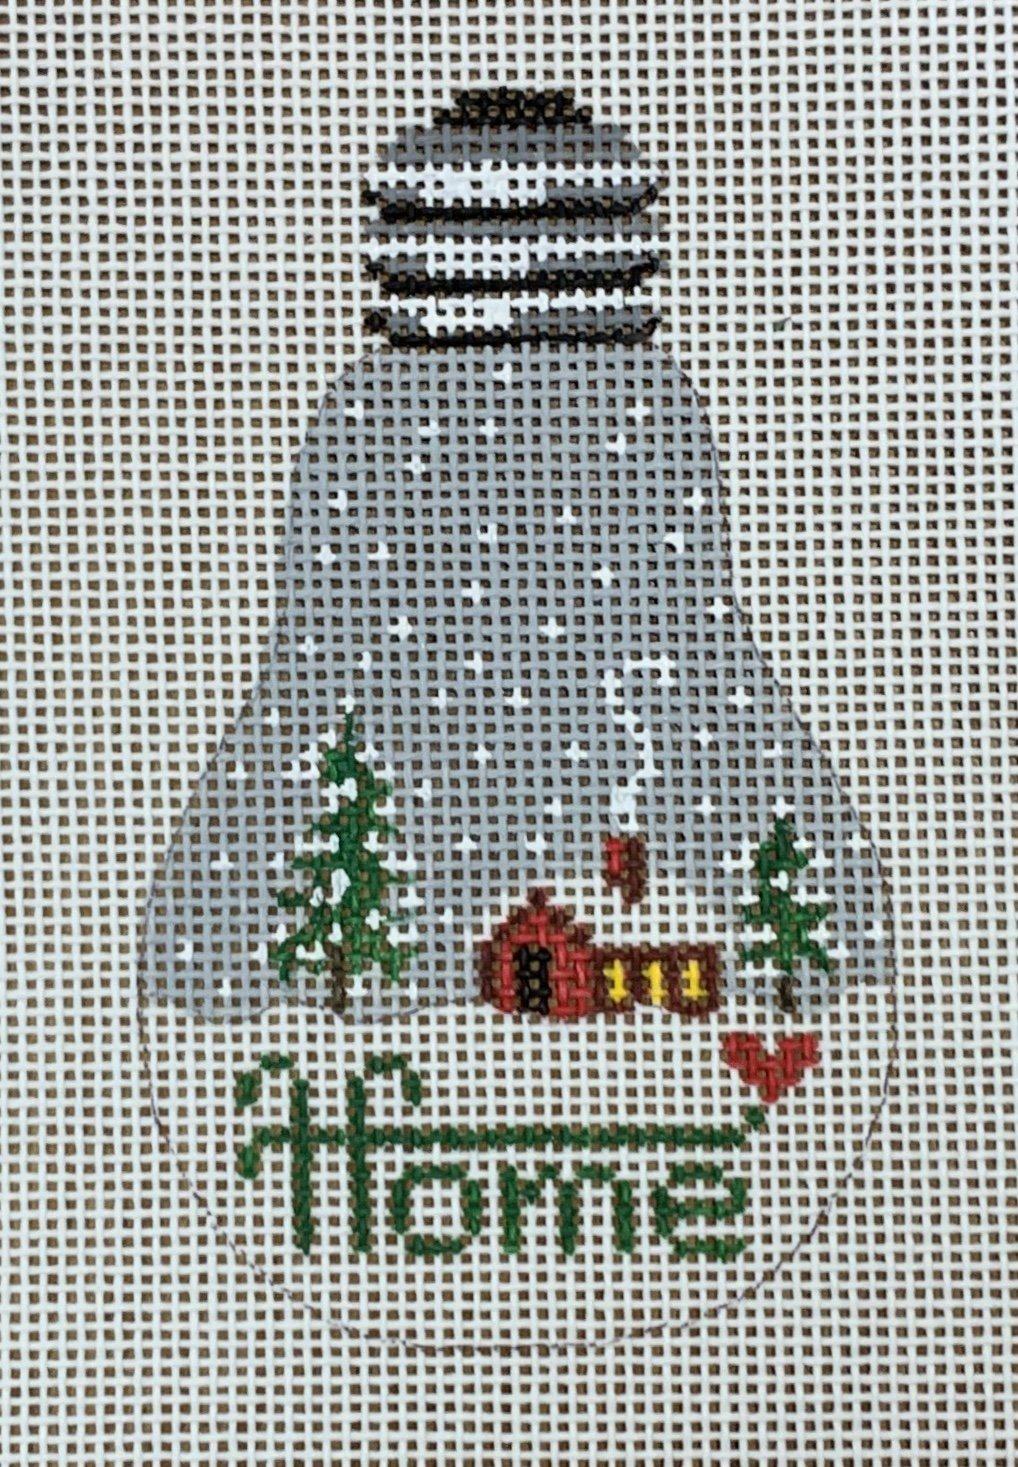 Light Bulb - Home